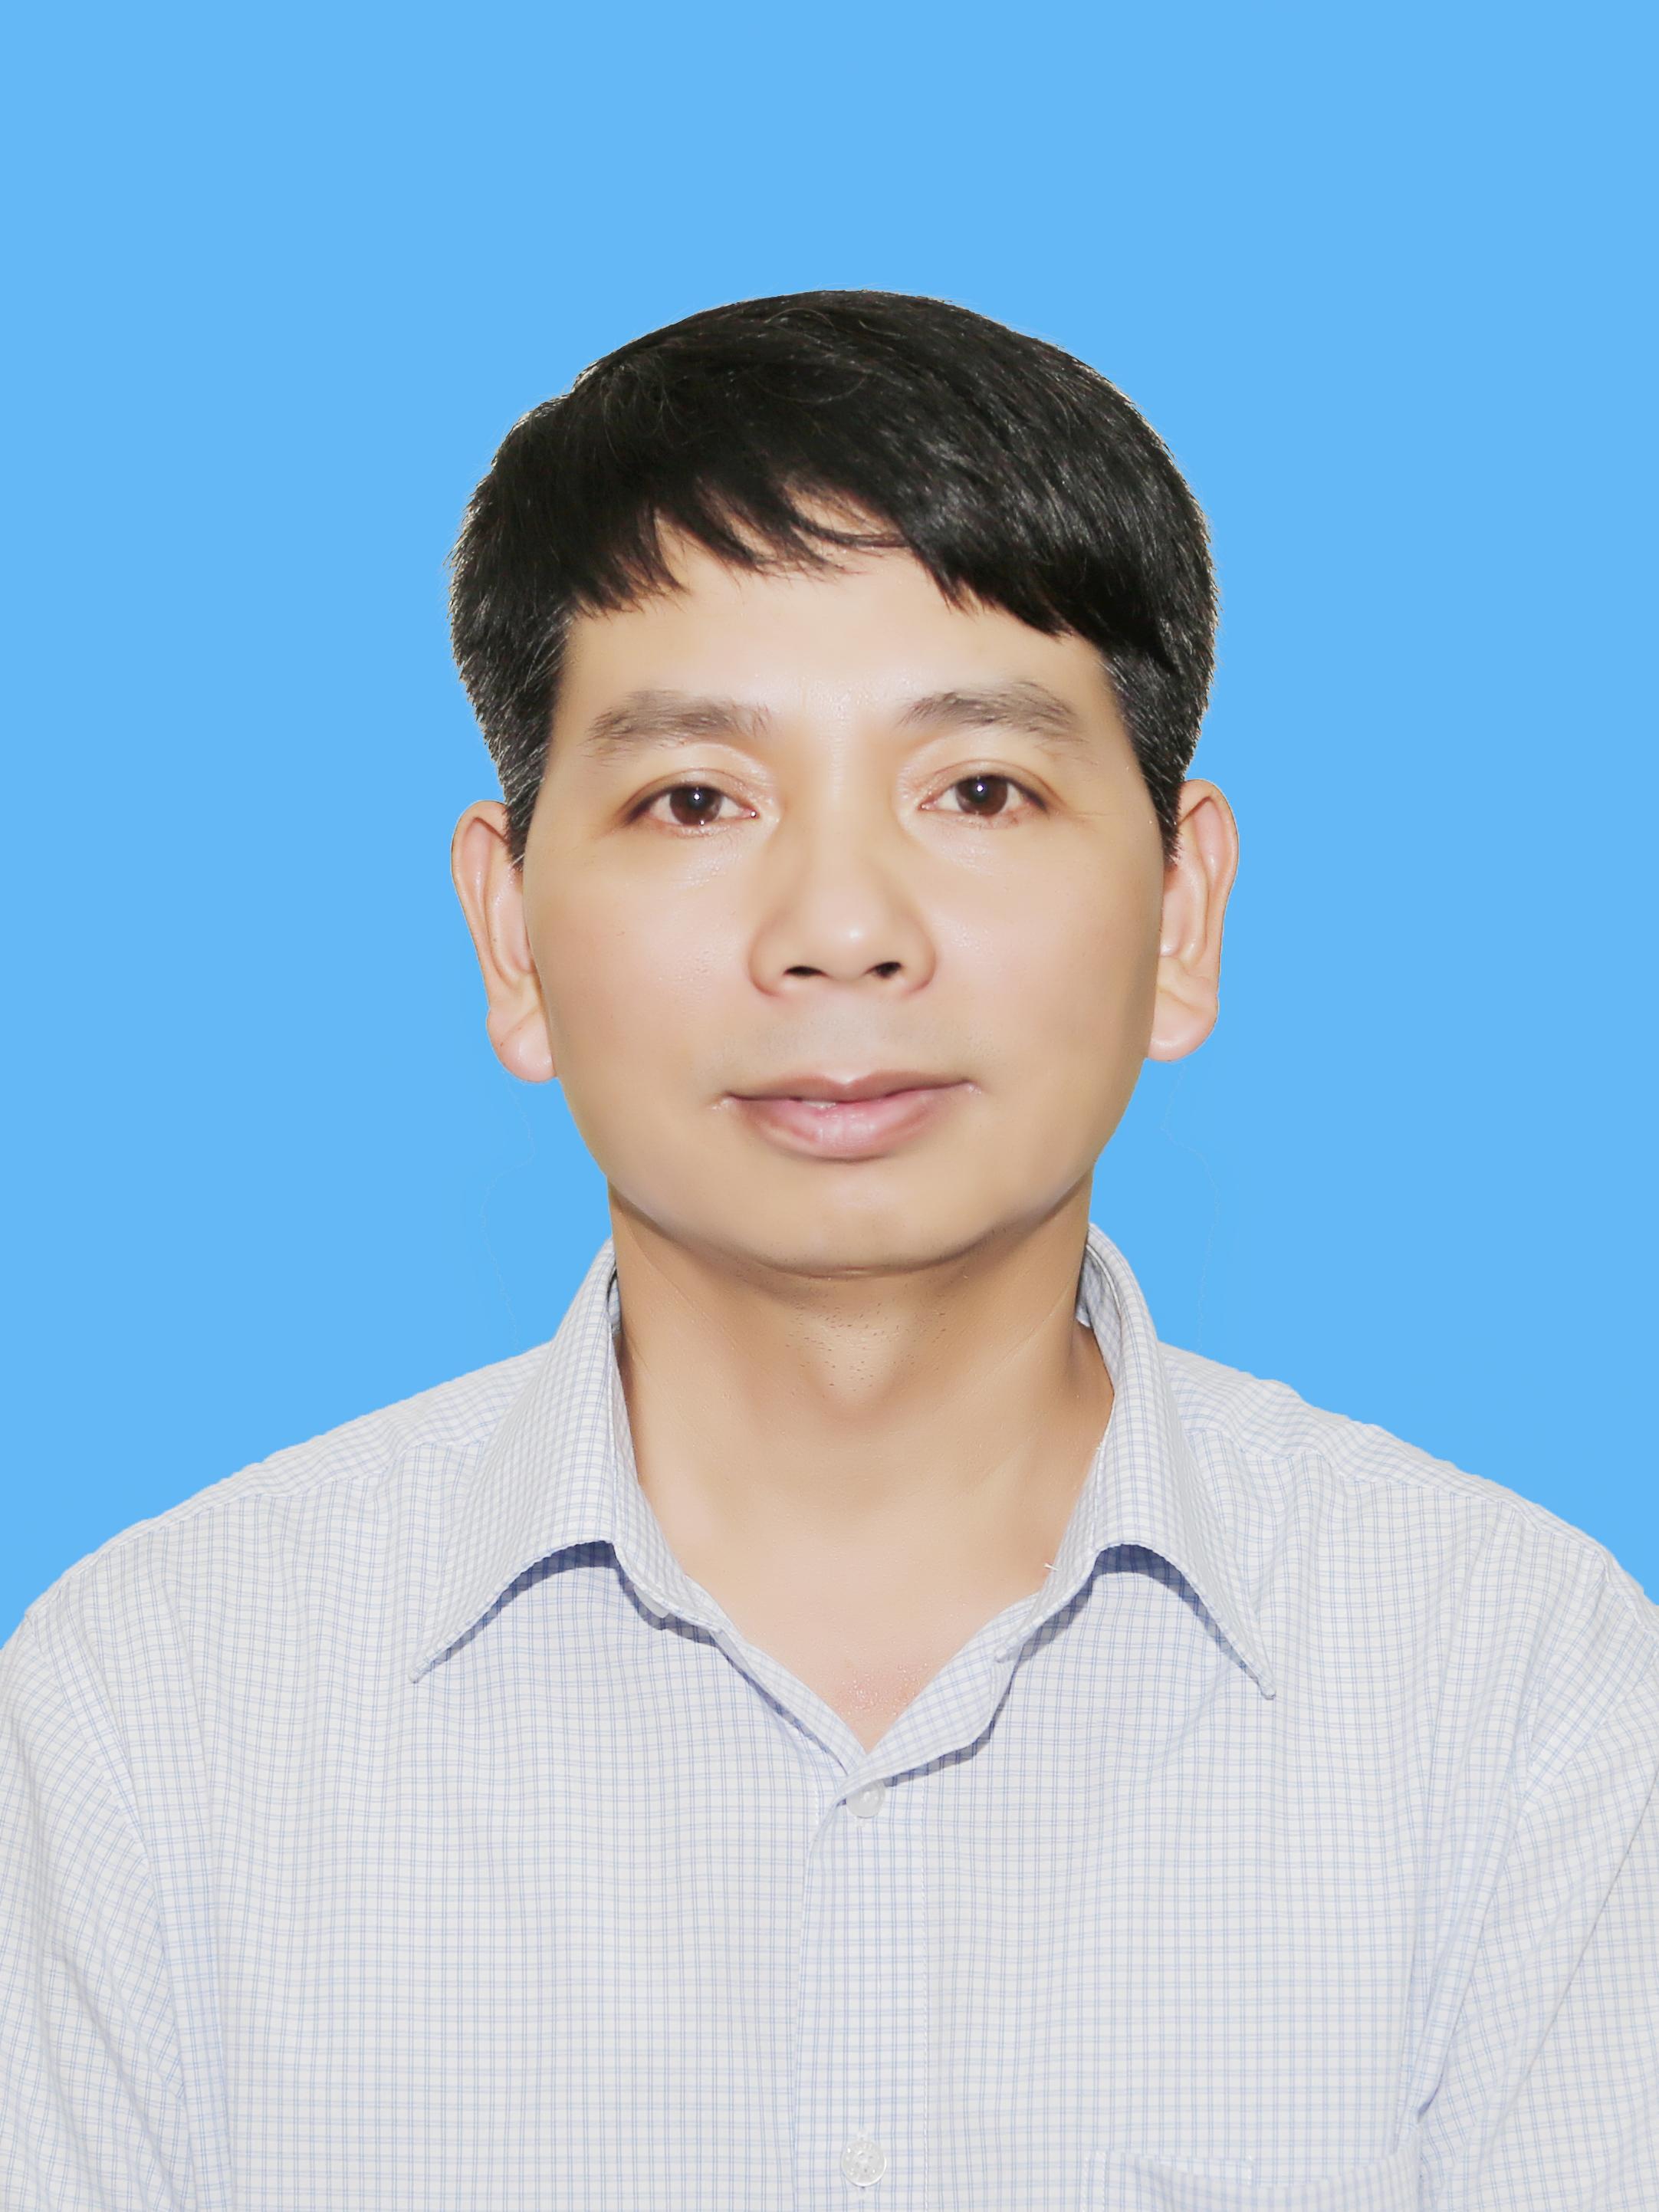 Trần Ngọc Vũ